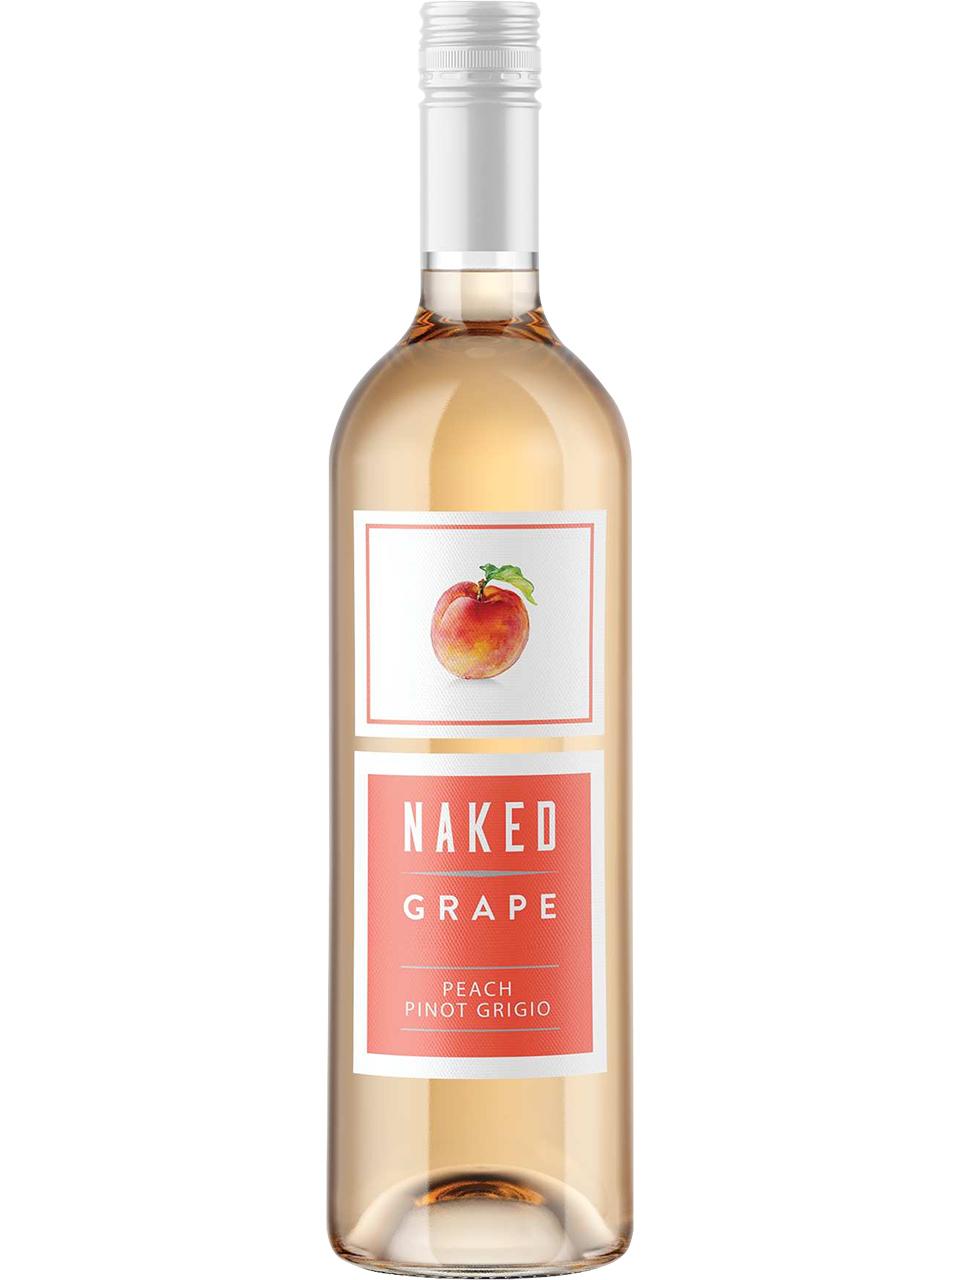 Naked Grape Peach Pinot Grigio